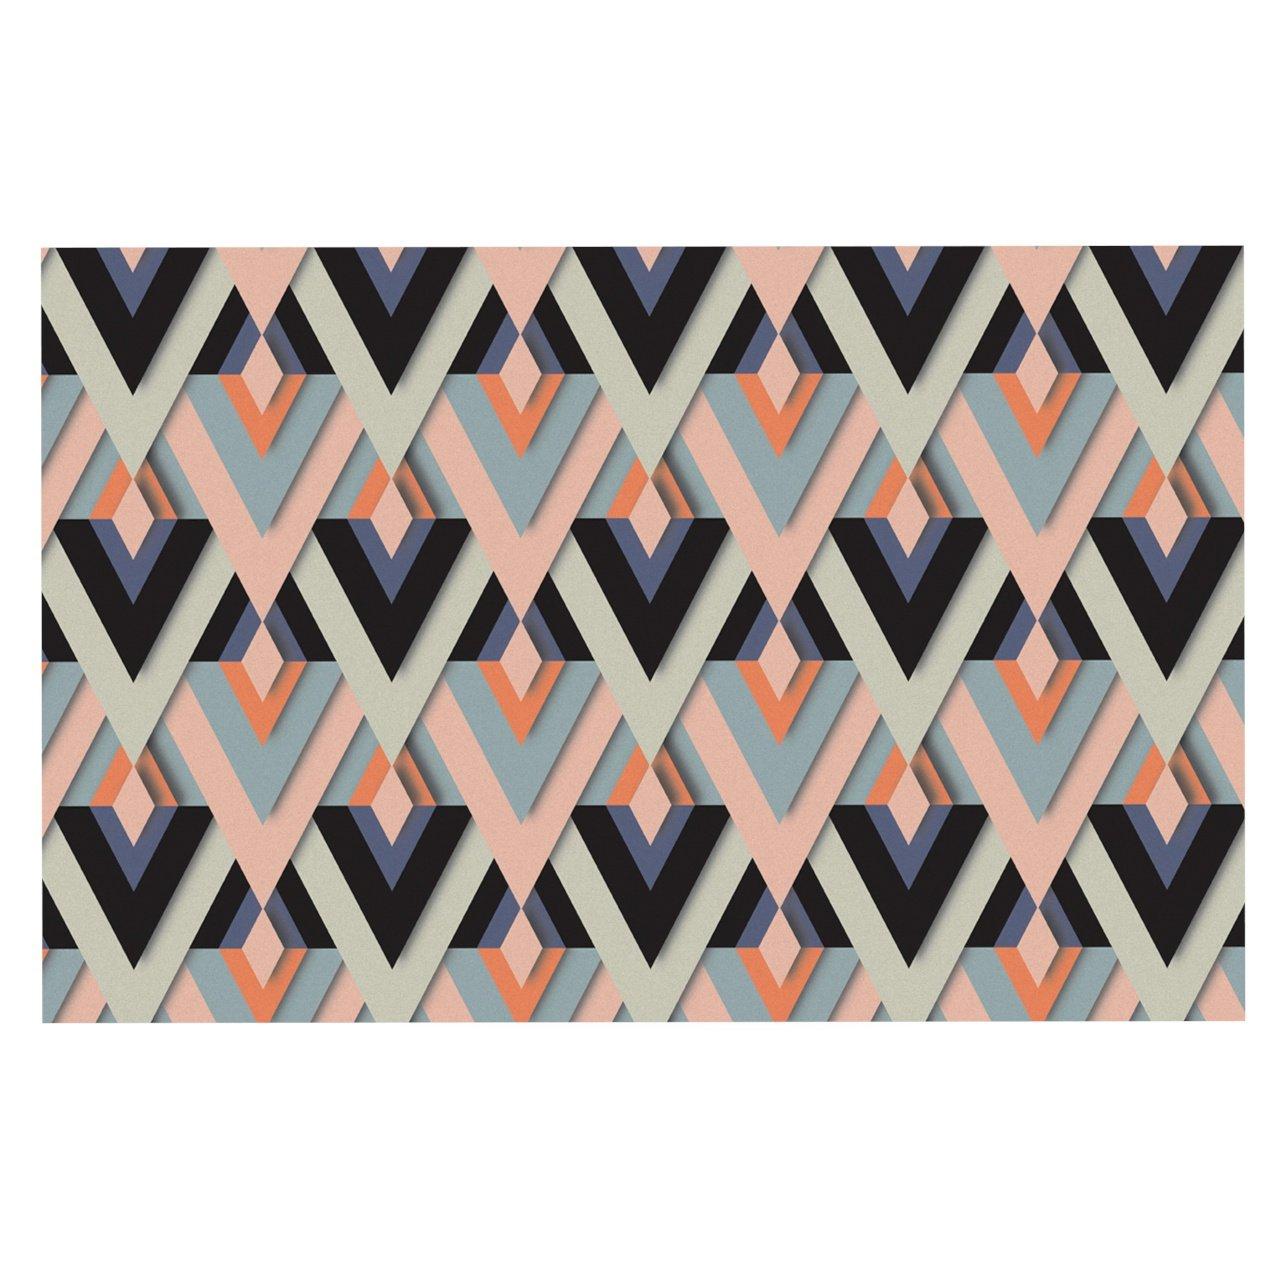 KESS InHouse EM1029ADM02 Akwaflorell Sweet & Sharp Pink Green Dog Place Mat, 24  x 15